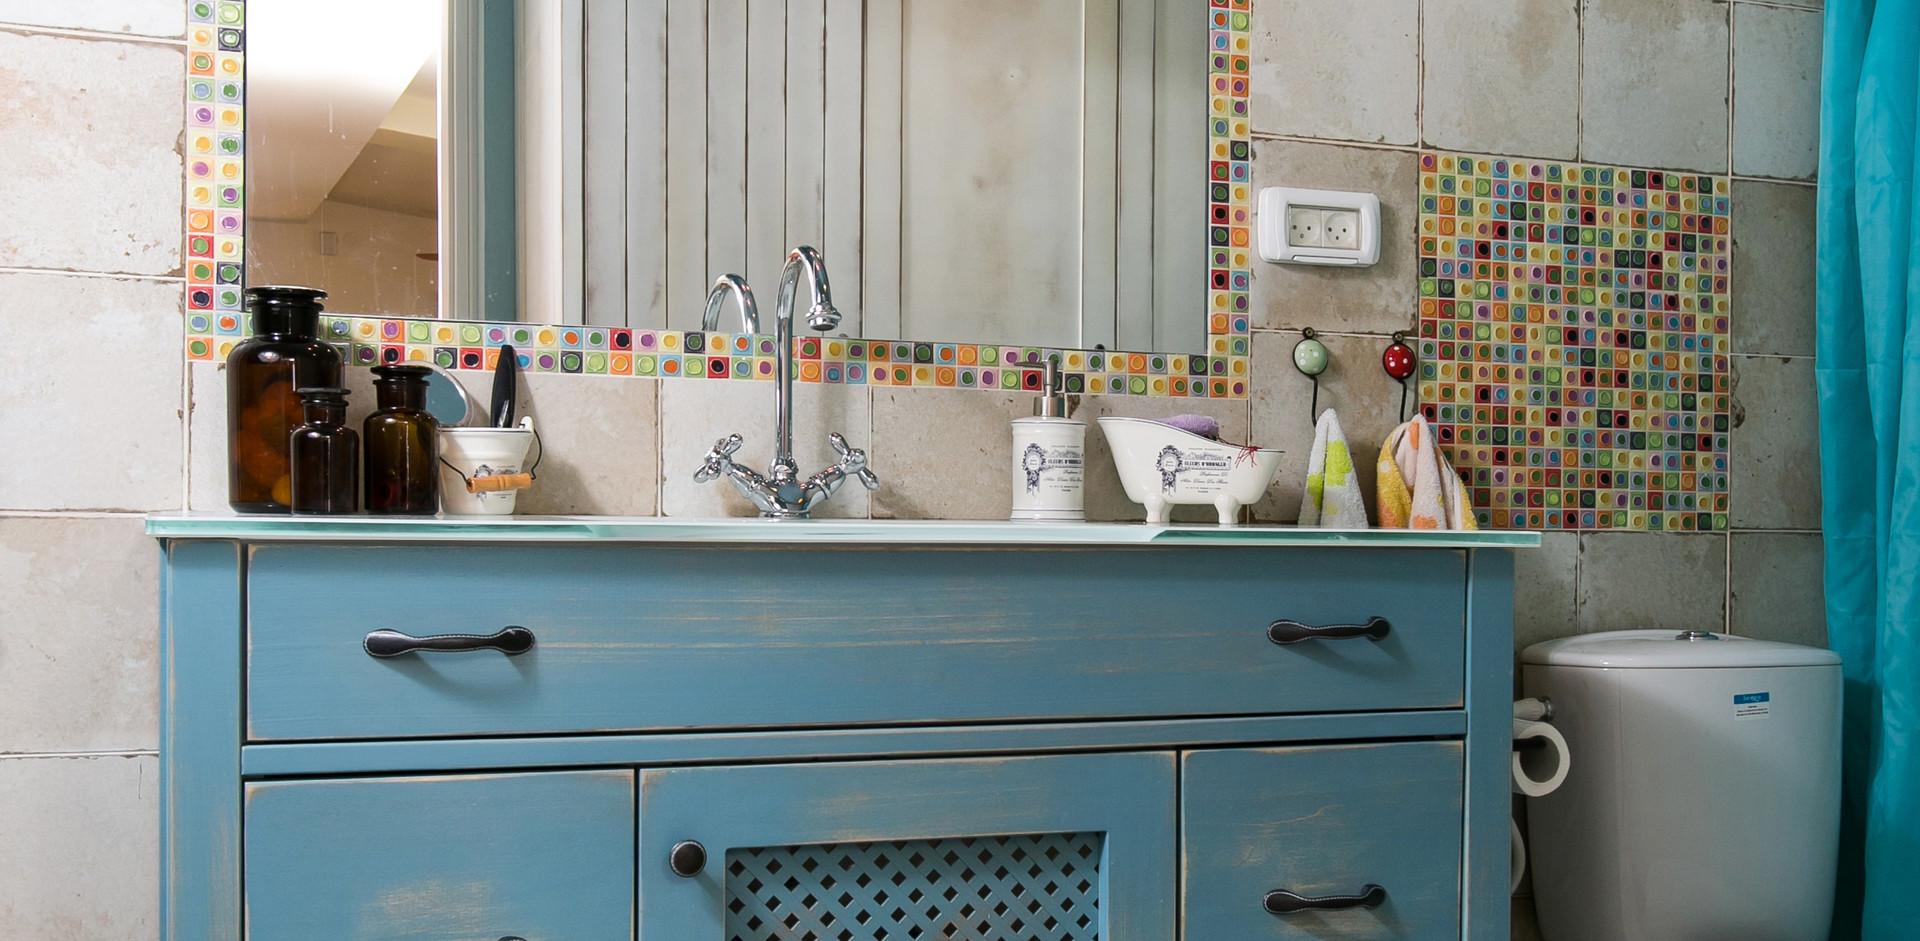 כשחדר אמבטיה מייצר חוייה ייחודית ללקוחות- צבע התכול עוטף את החלל בכל חלקיו.